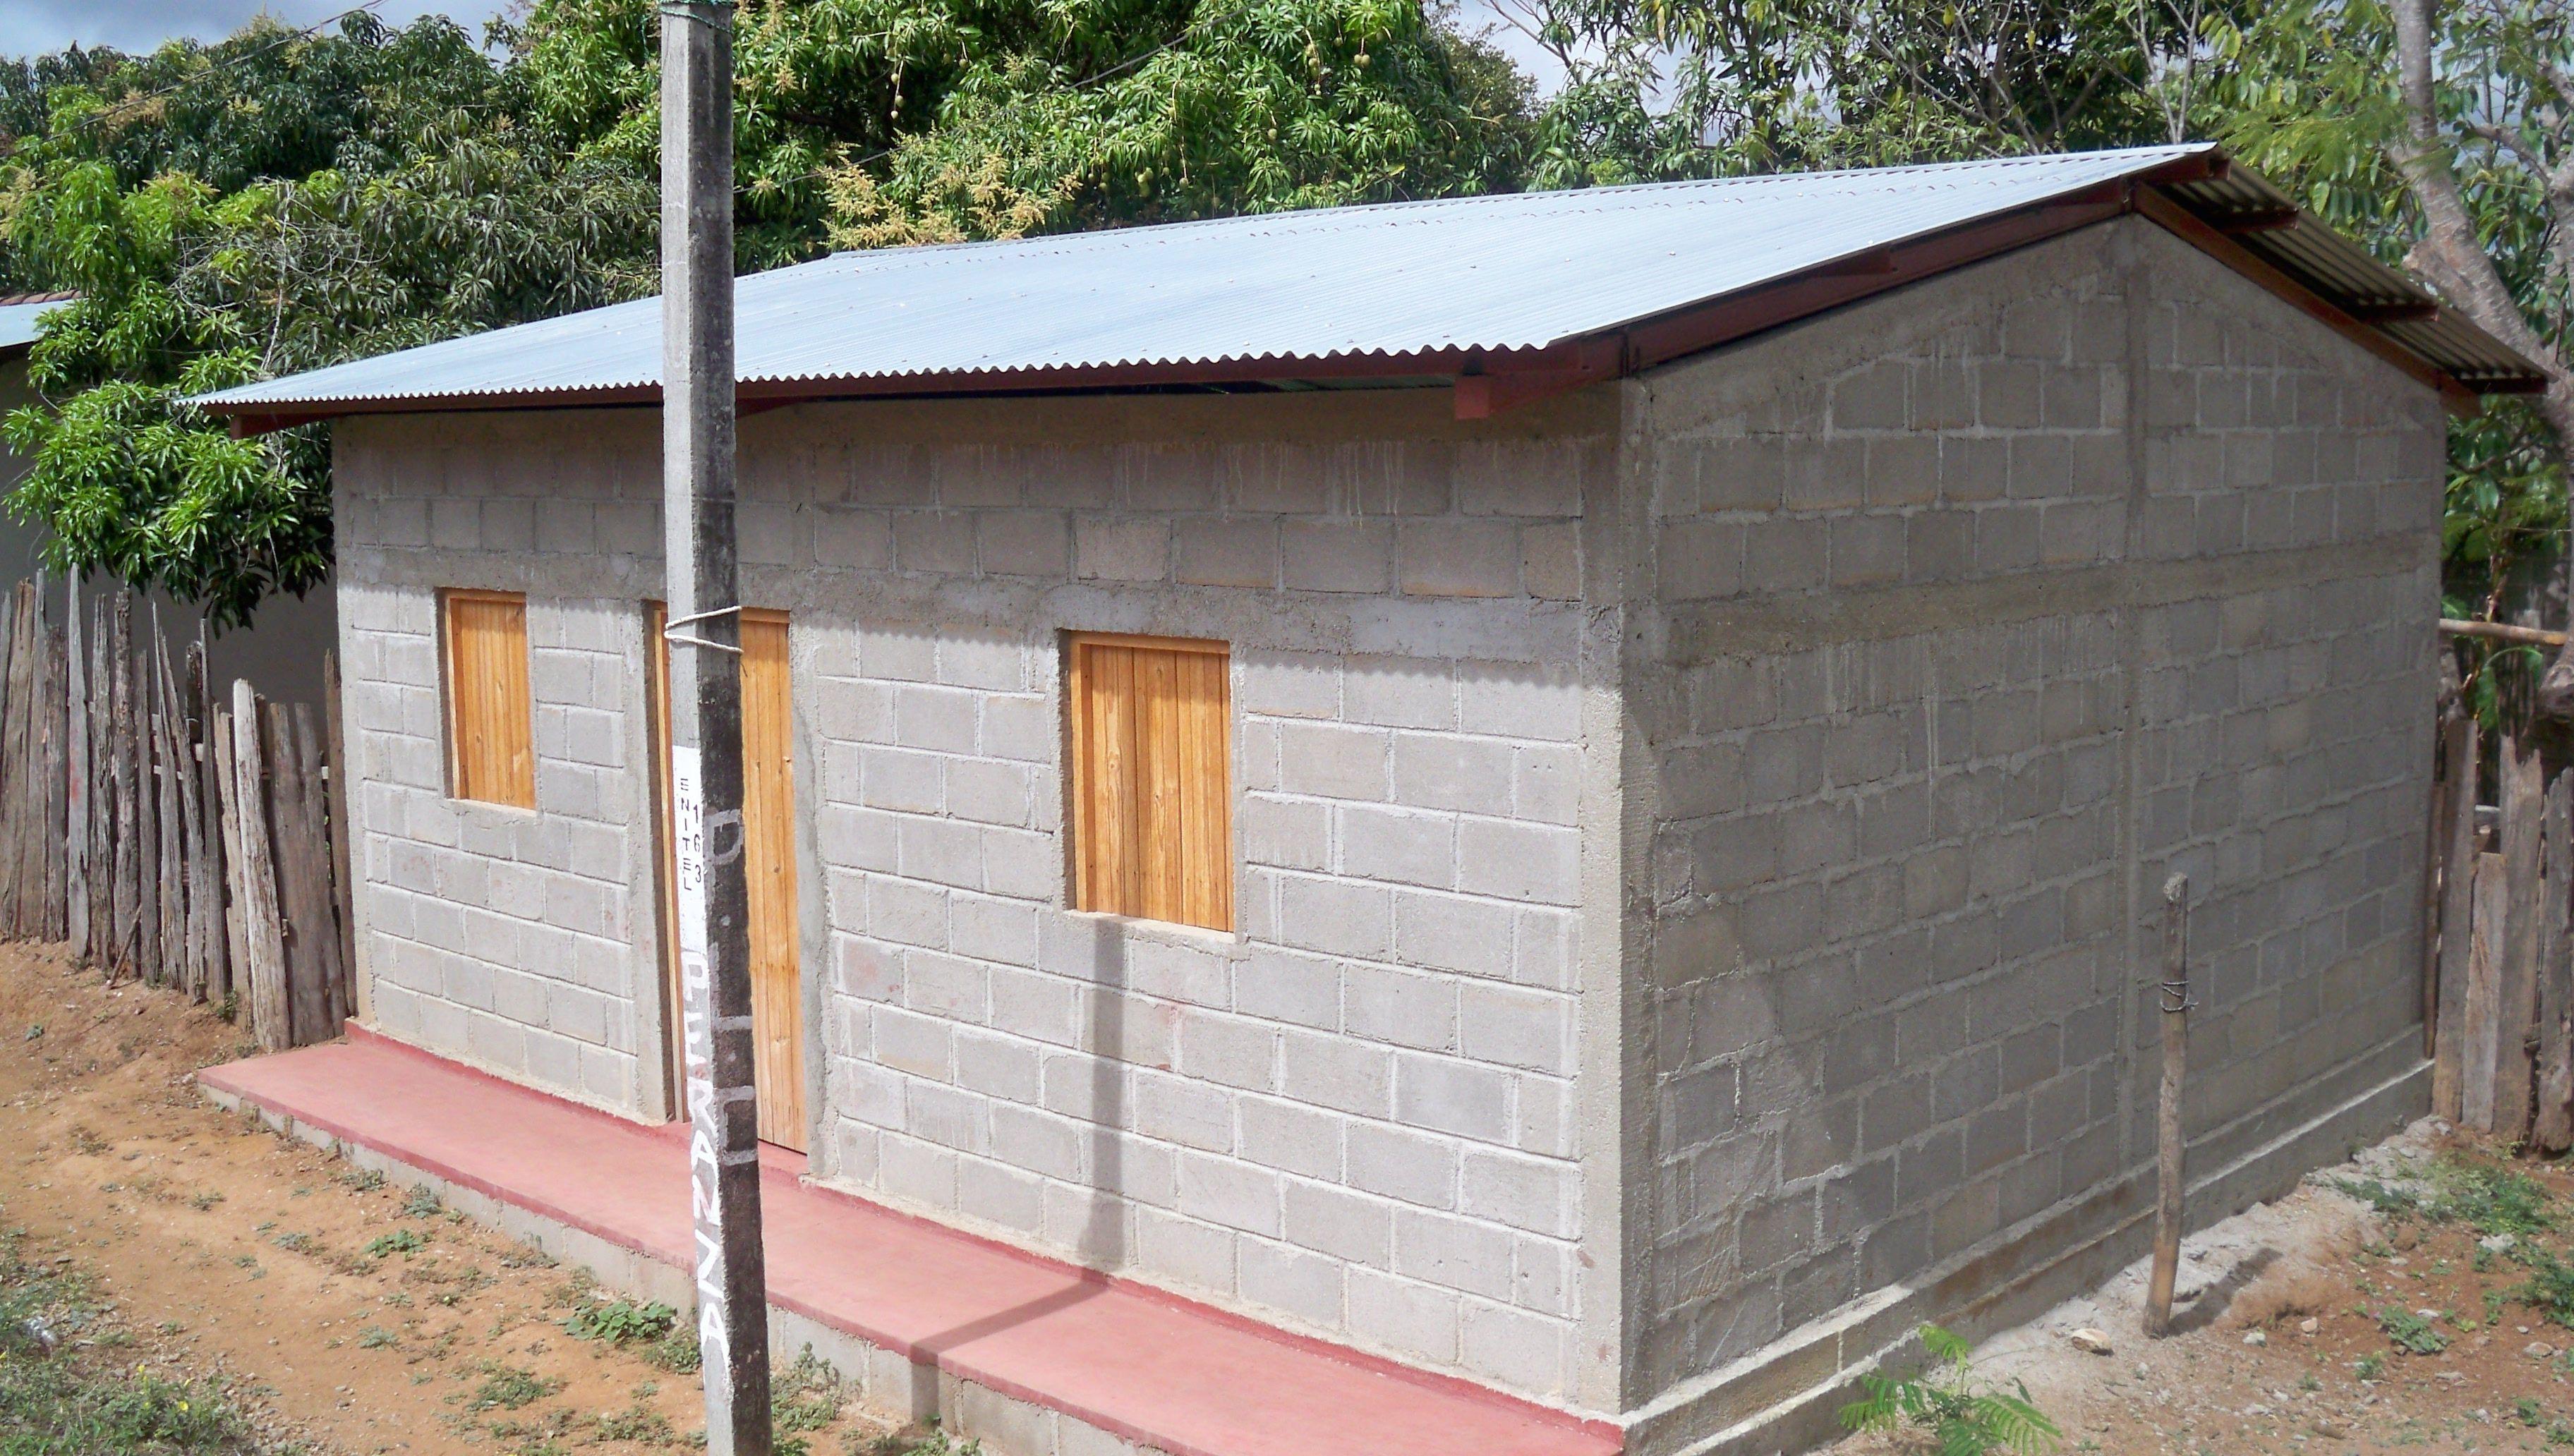 Pin de guillermo manso en bloques Casas prefabricadas